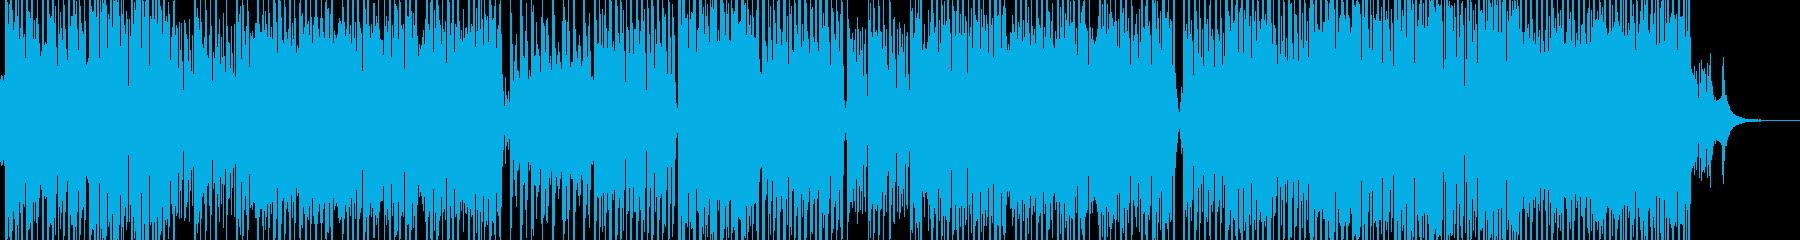 民族的で原始的なテクノポップ エレキ無Bの再生済みの波形